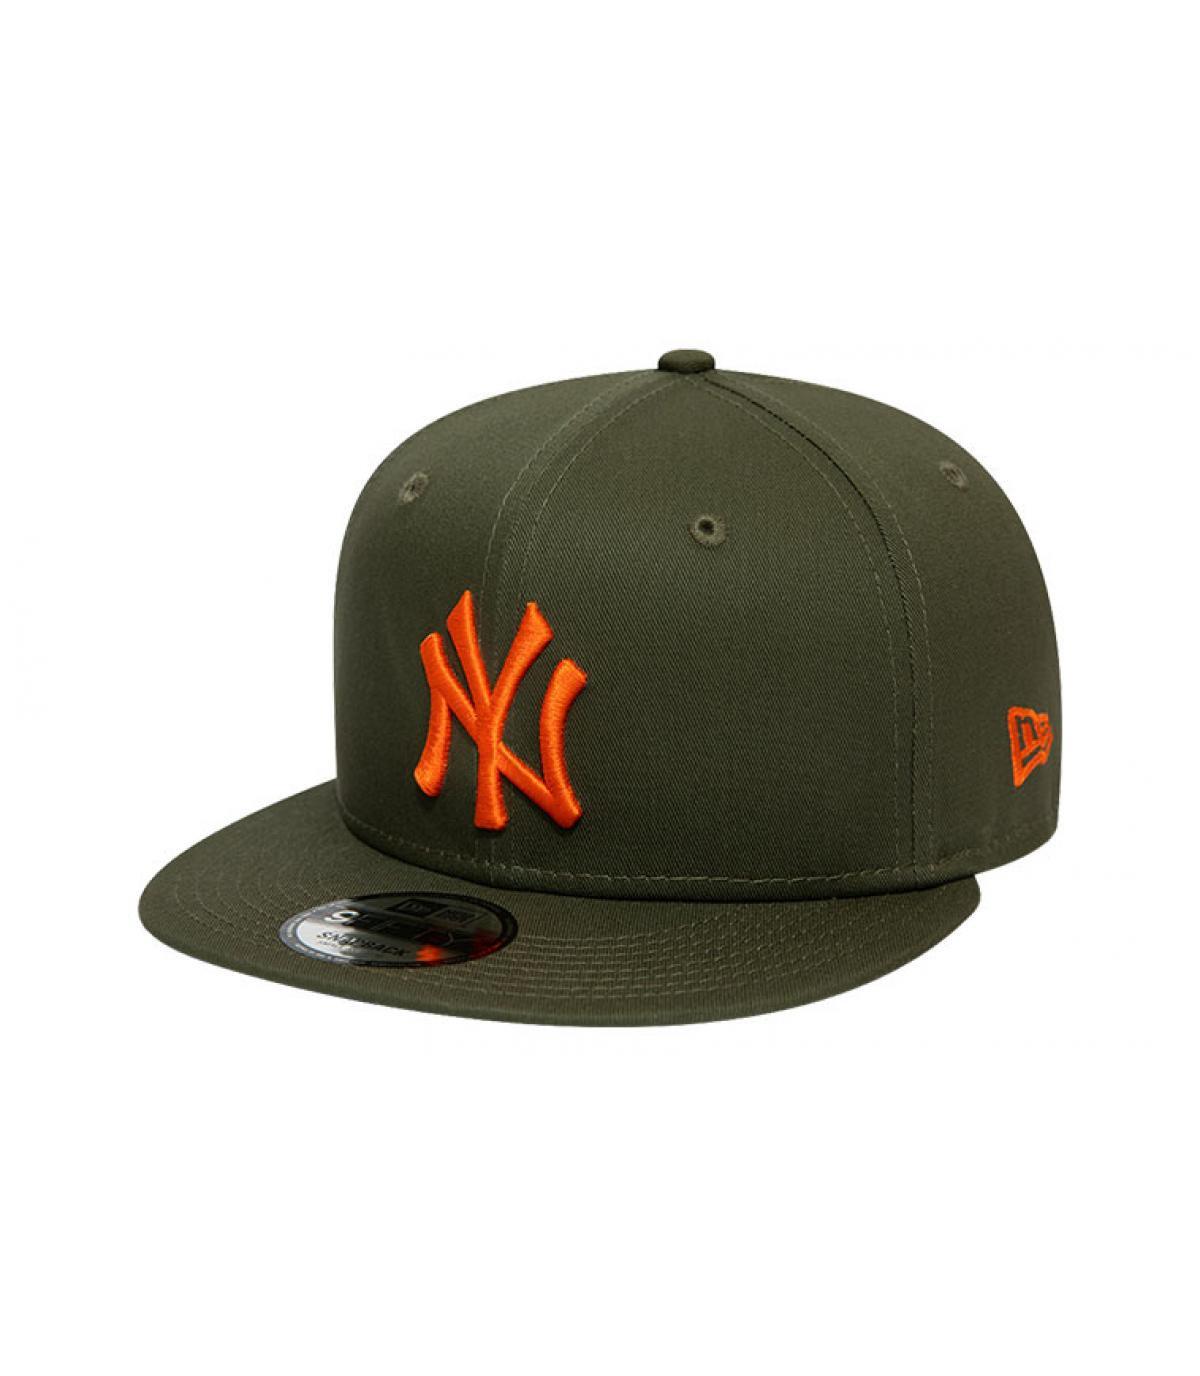 Details Snapback League Ess NY 950 NY olive orange - Abbildung 2